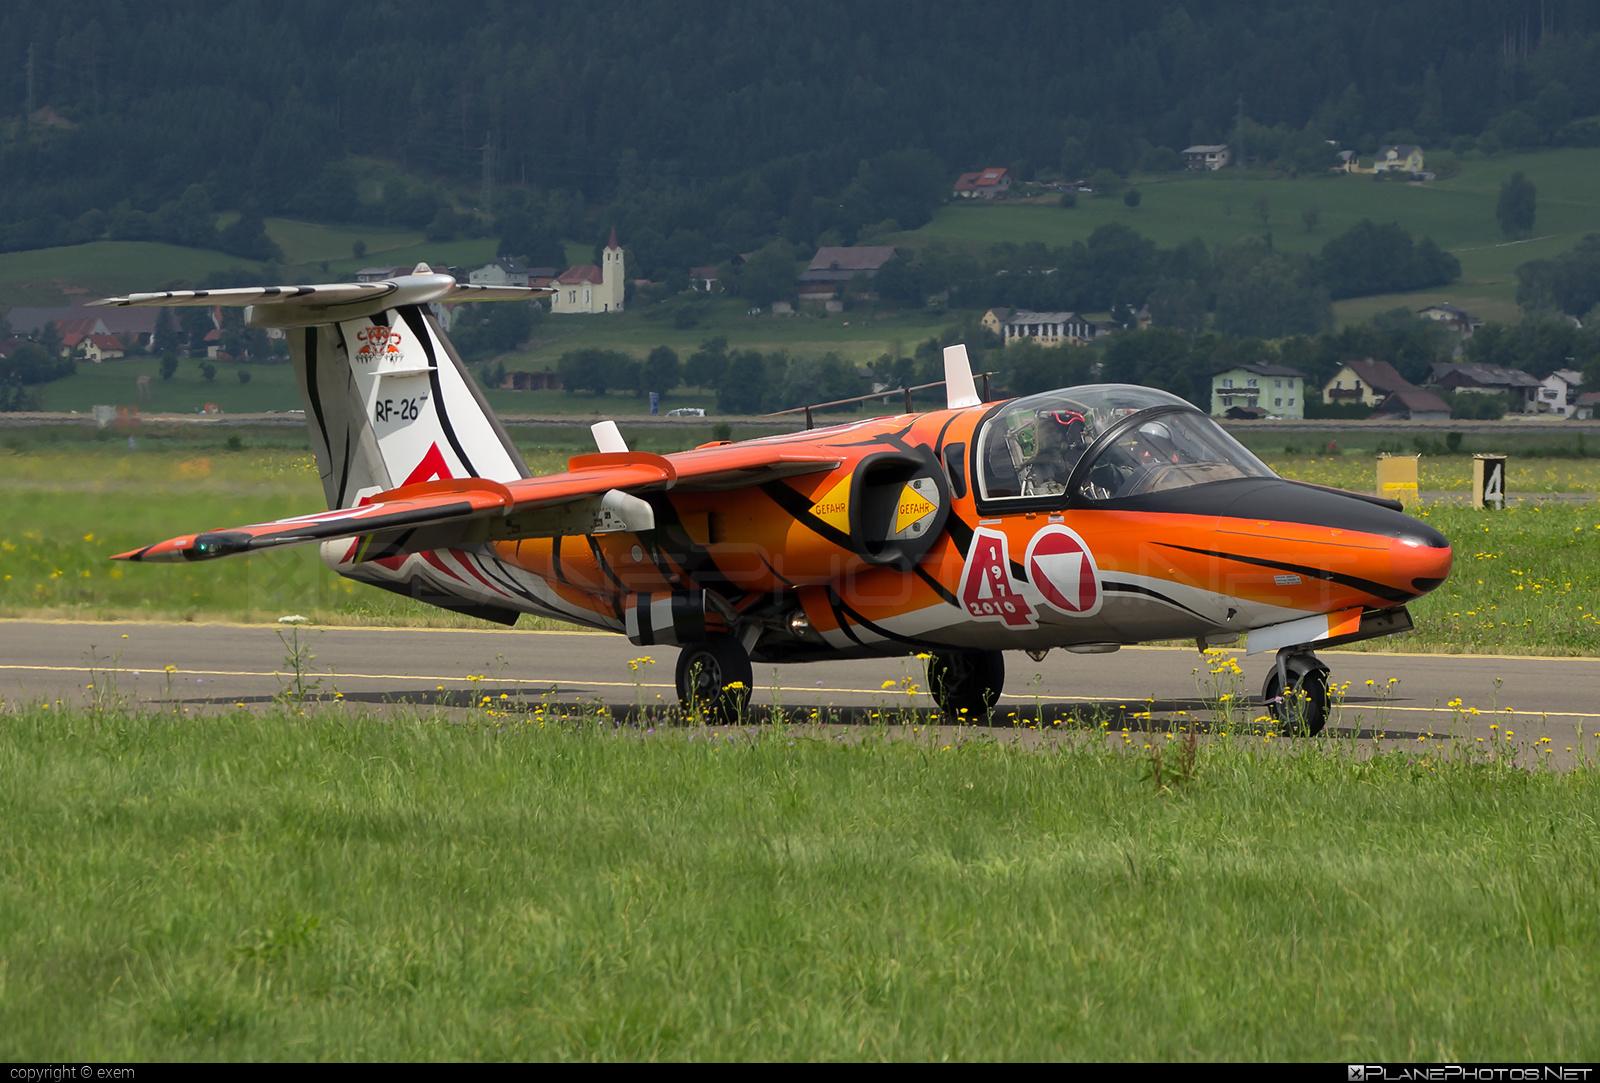 Saab 105OE - RF-26 operated by Österreichische Luftstreitkräfte (Austrian Air Force) #airpower #airpower2013 #austrianairforce #saab